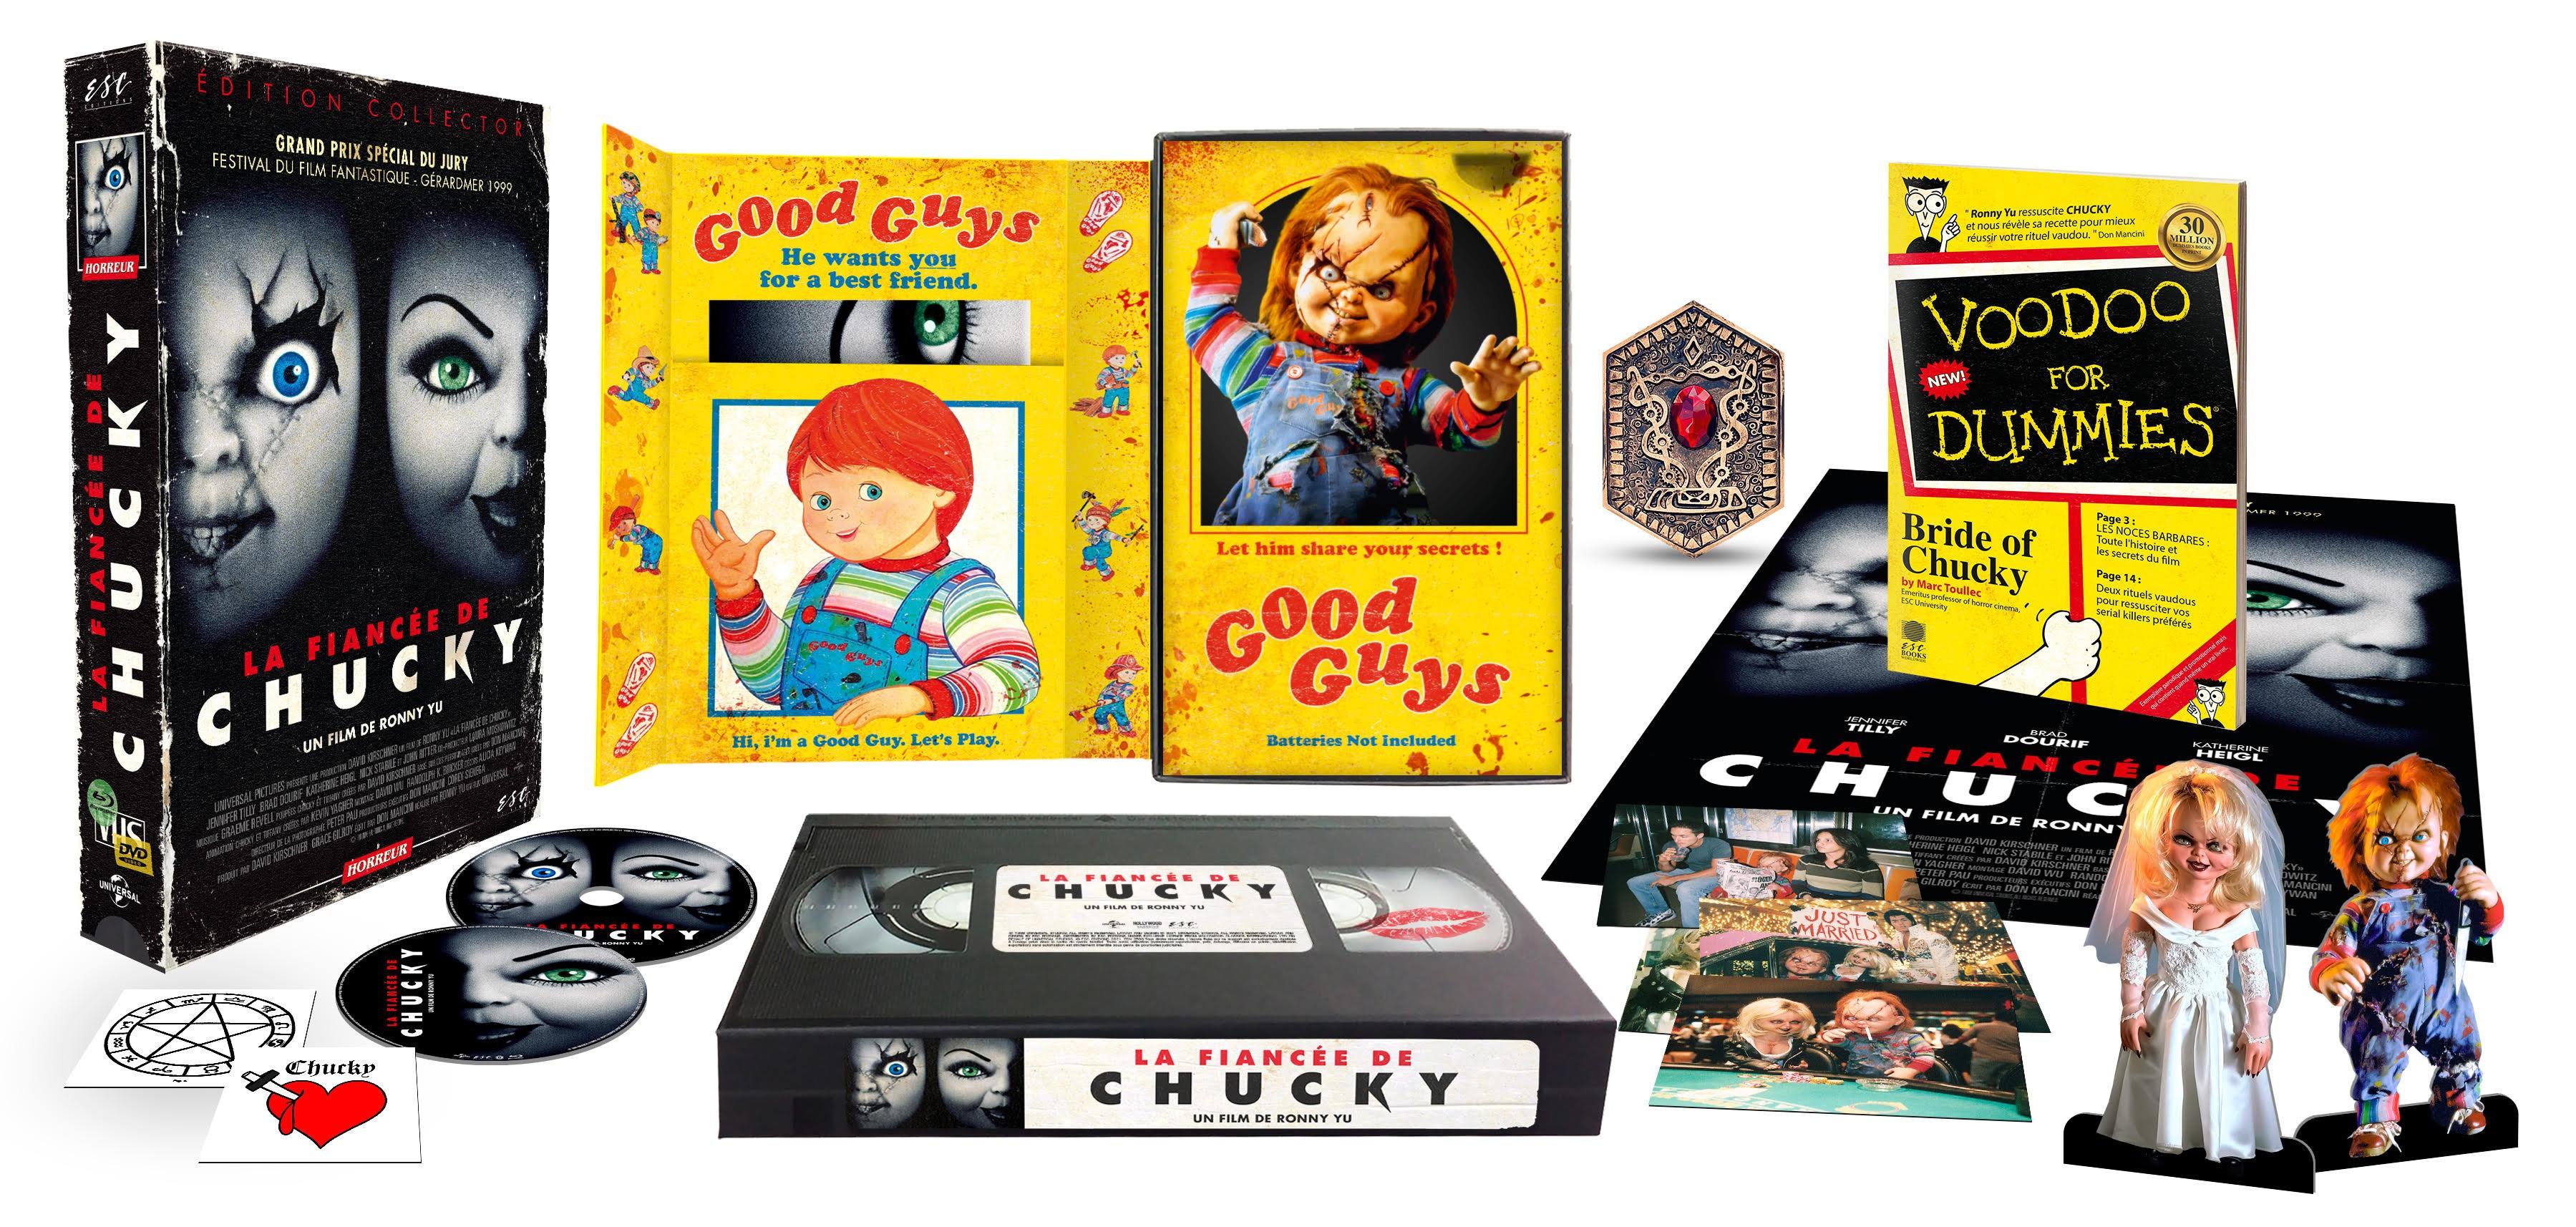 LA FIANCÉE DE CHUCKY - ÉDITION COLLECTOR  LIMITÉE BOITIER VHS